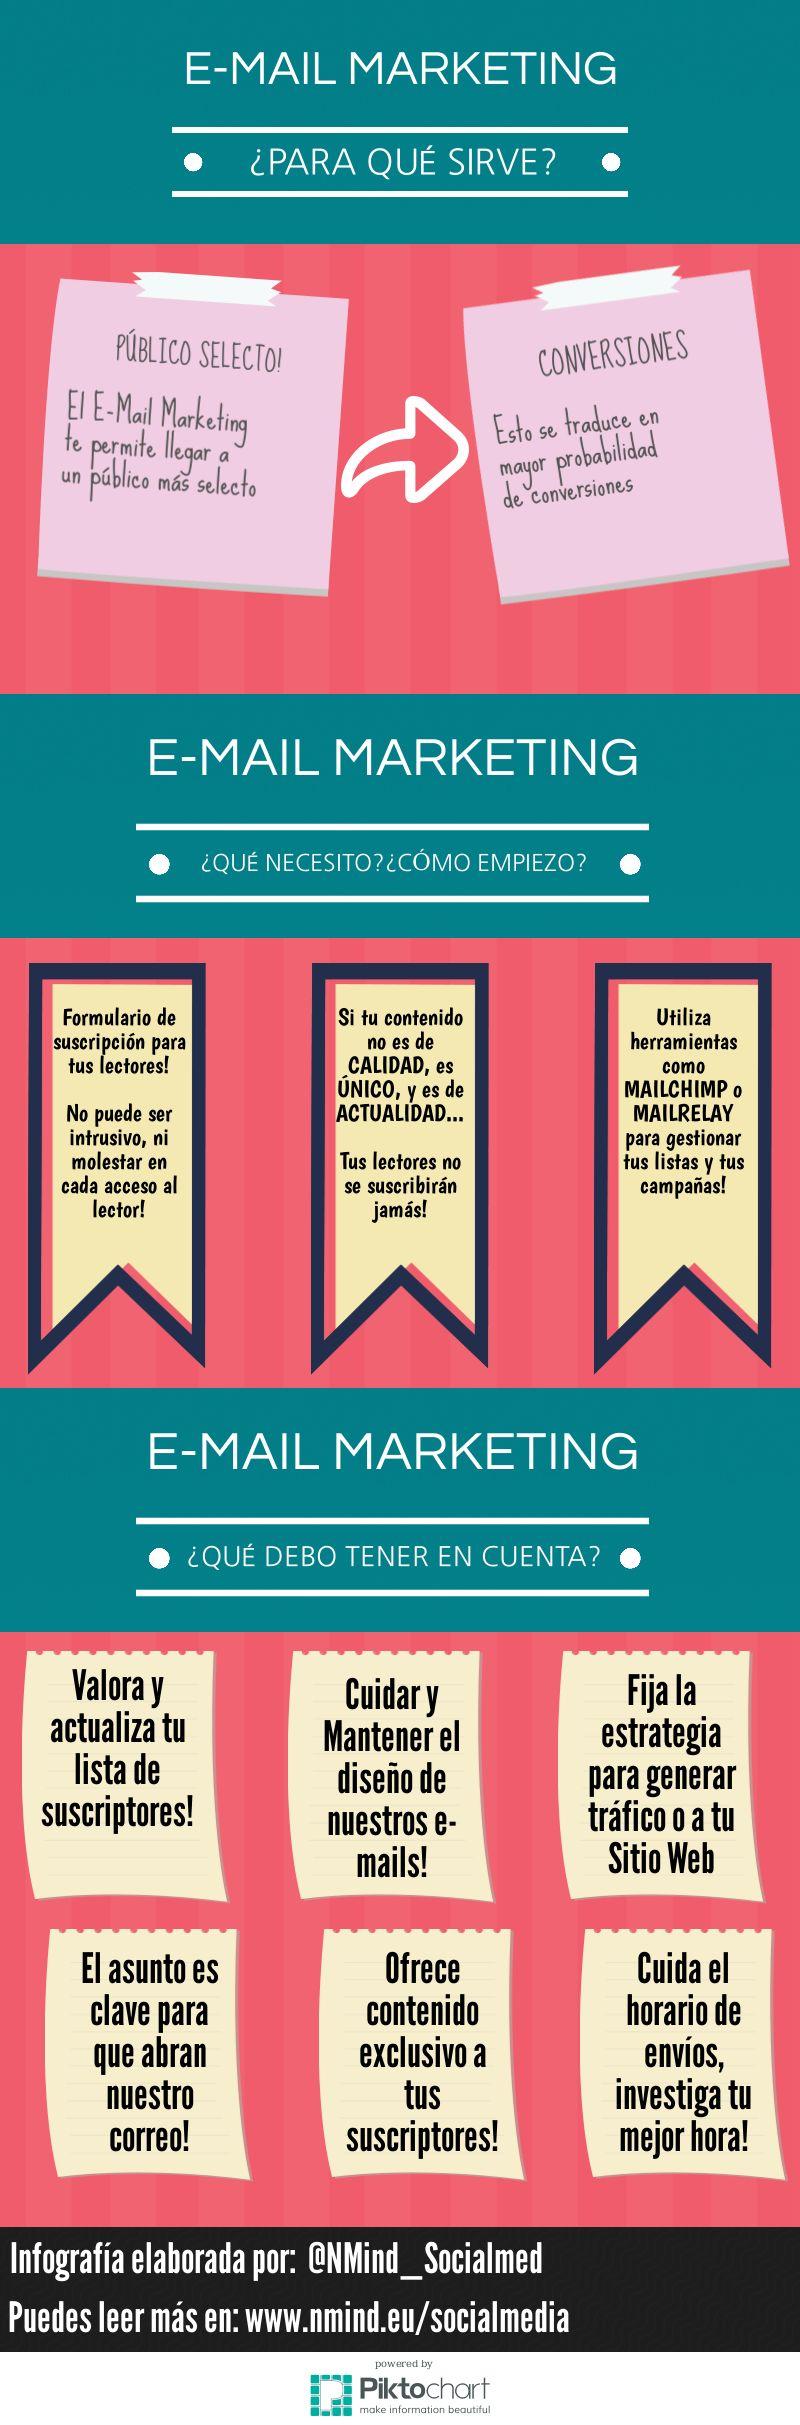 ¿Para qué sirve el Email Marketing? (infografía)